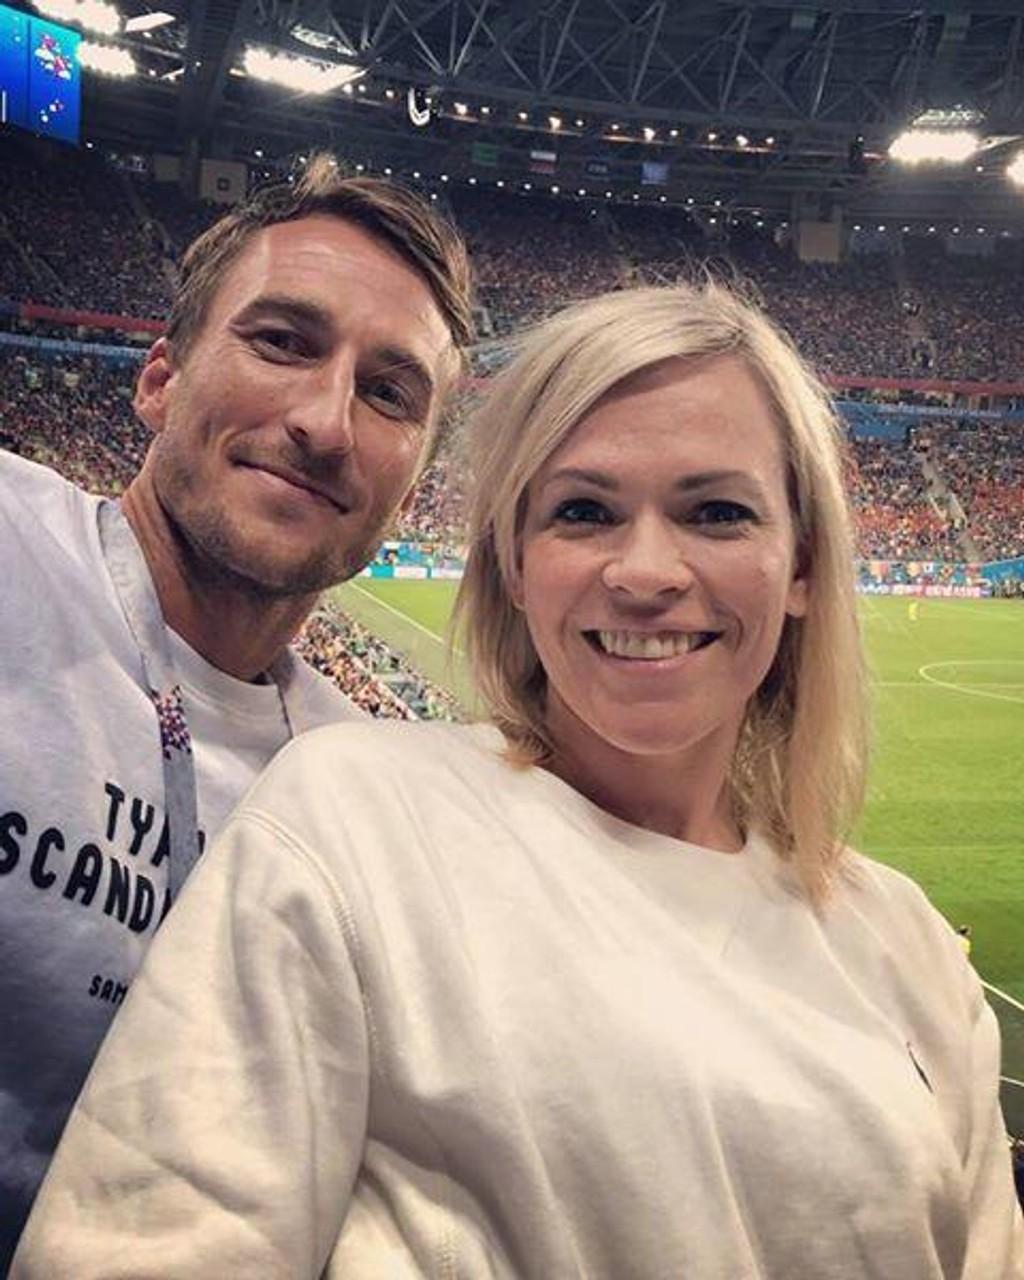 NRKs VM-programleder Carina Olset er blitt kjæreste med fotballspilleren Tor Øyvind Hovda. Foto: Privat / NTB scanpix